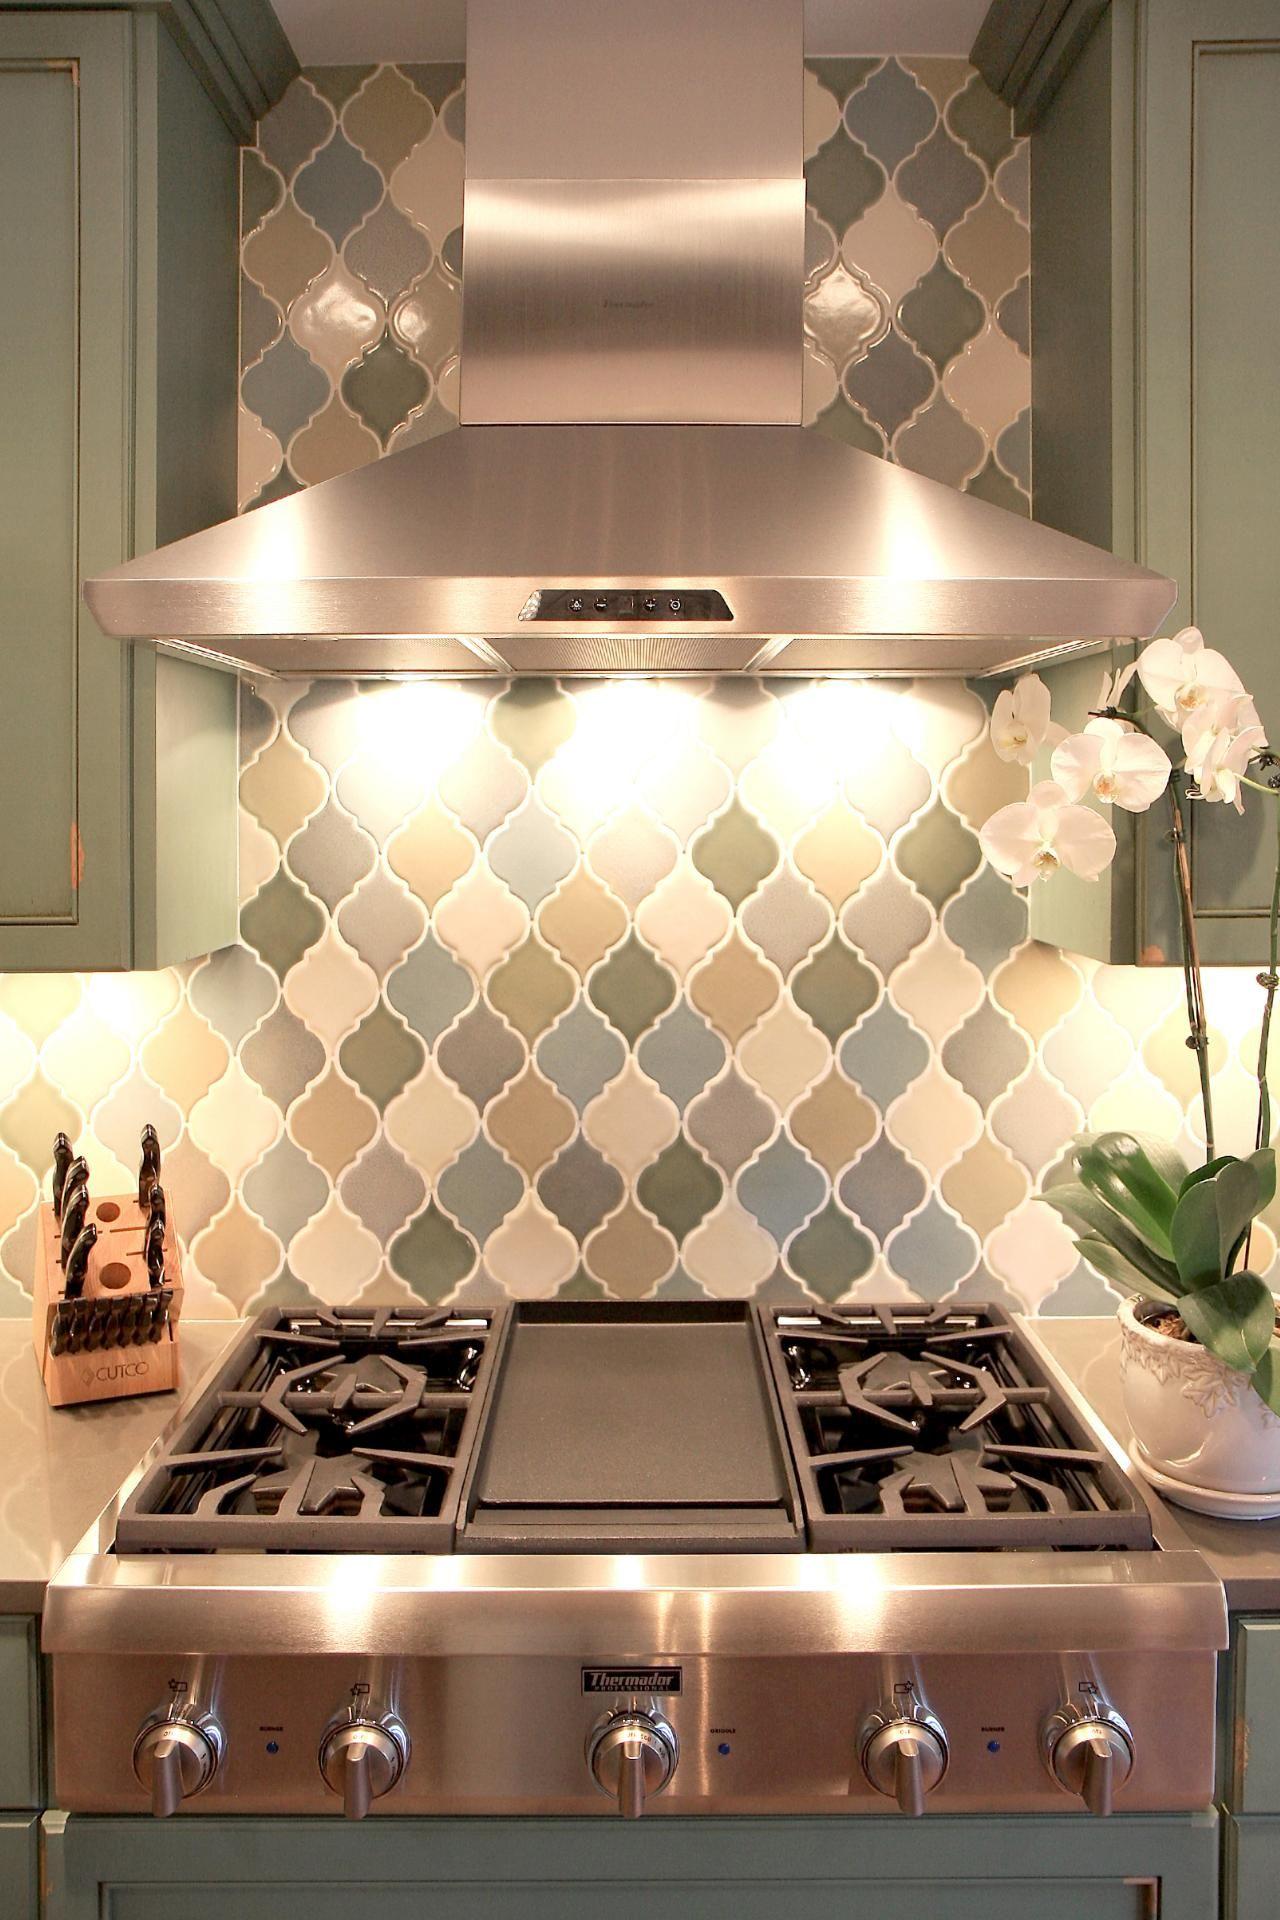 Best Use Of Color Kitchen Floor Tile Patterns Kitchen